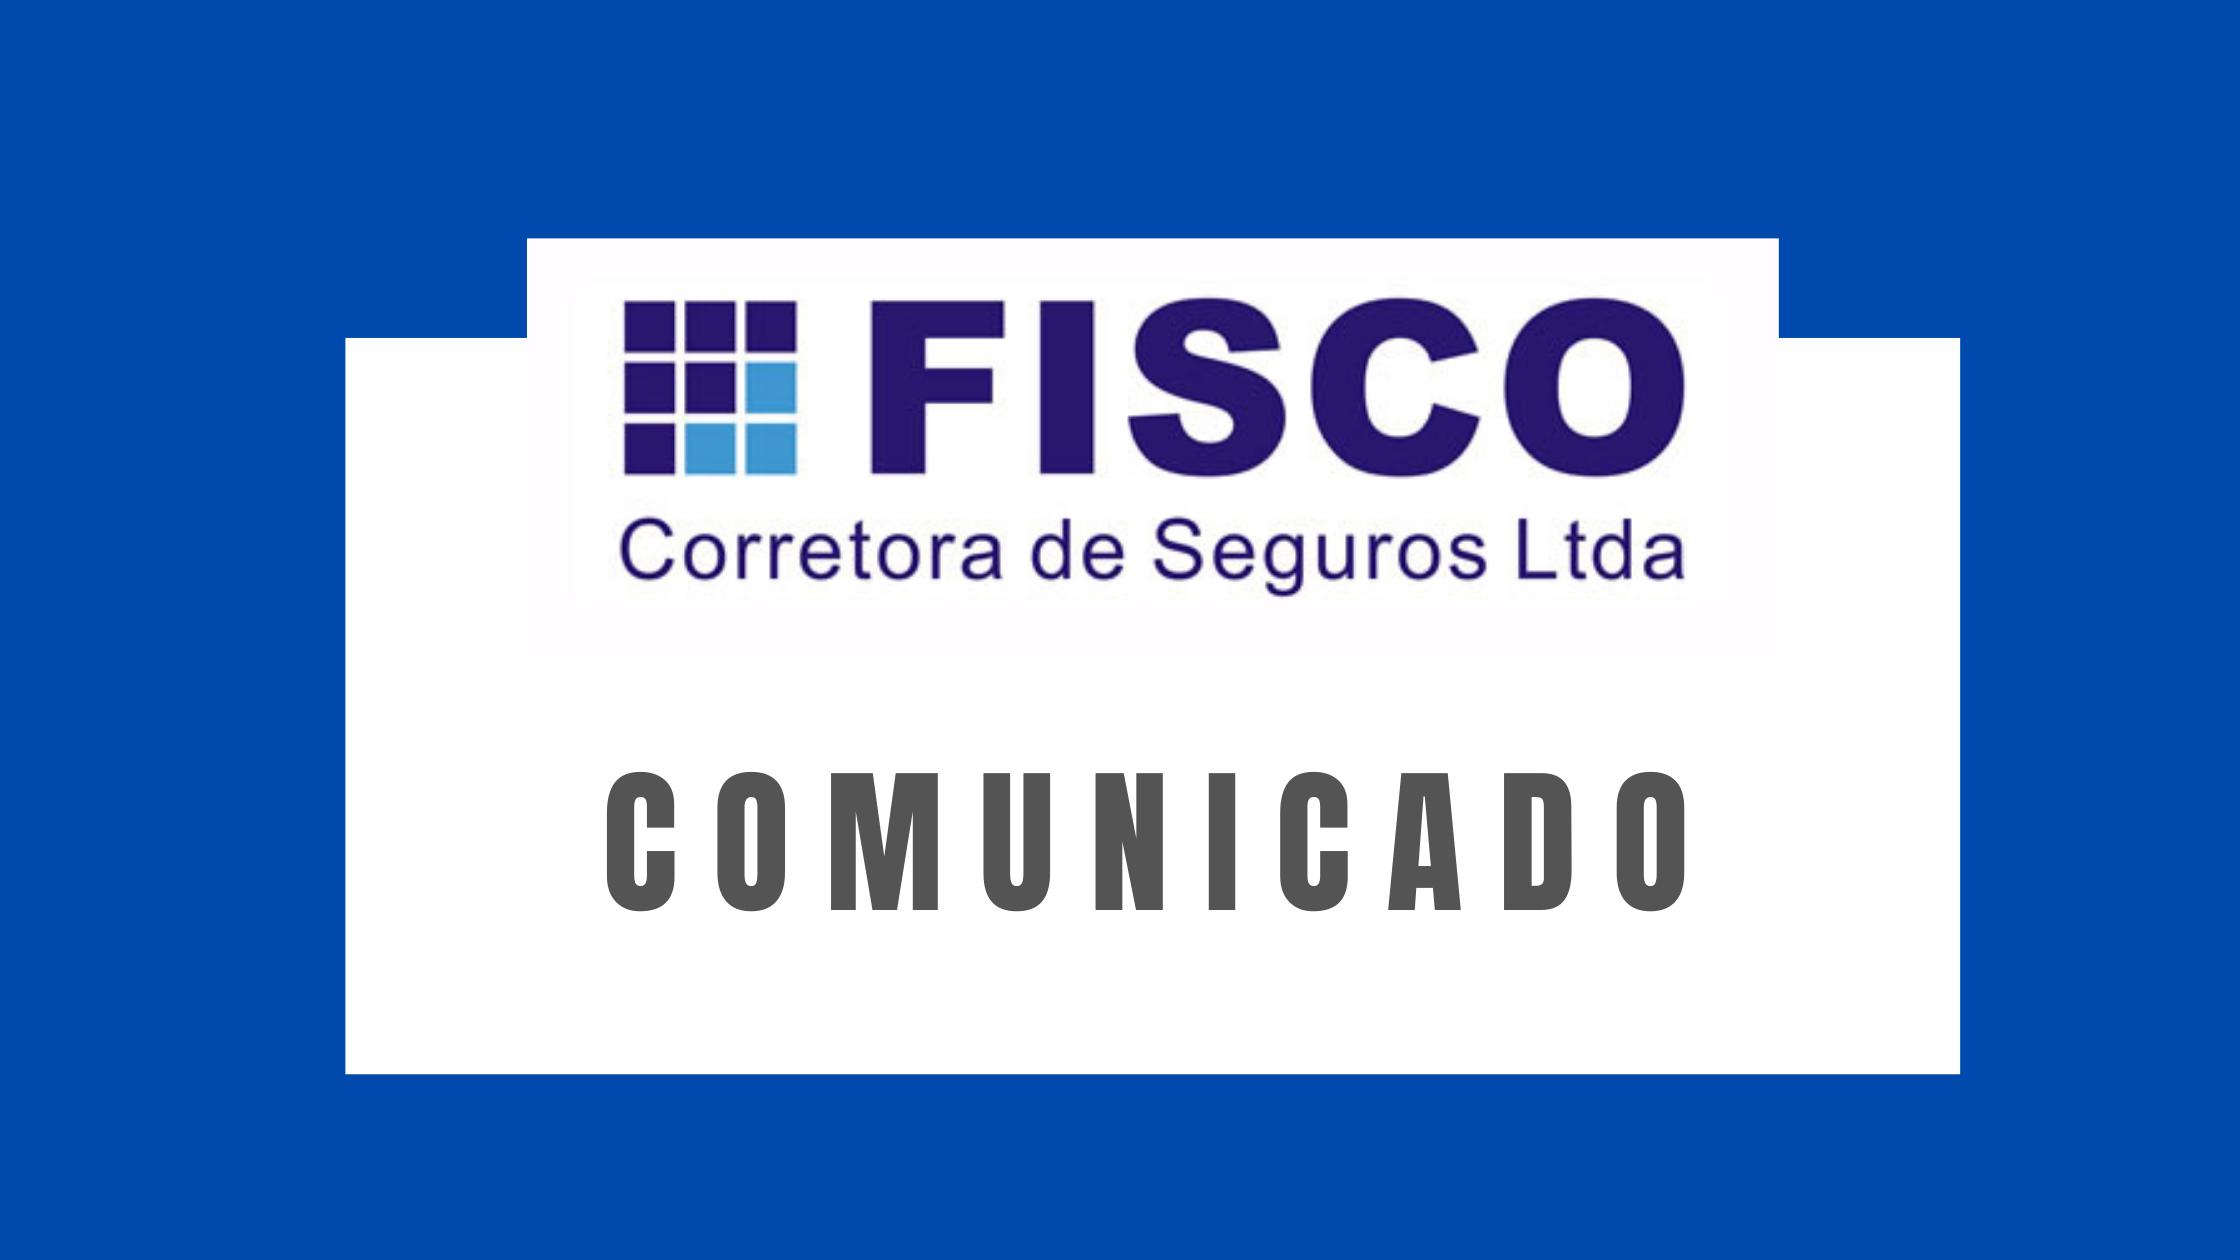 Comunicado: Fisco Corretora